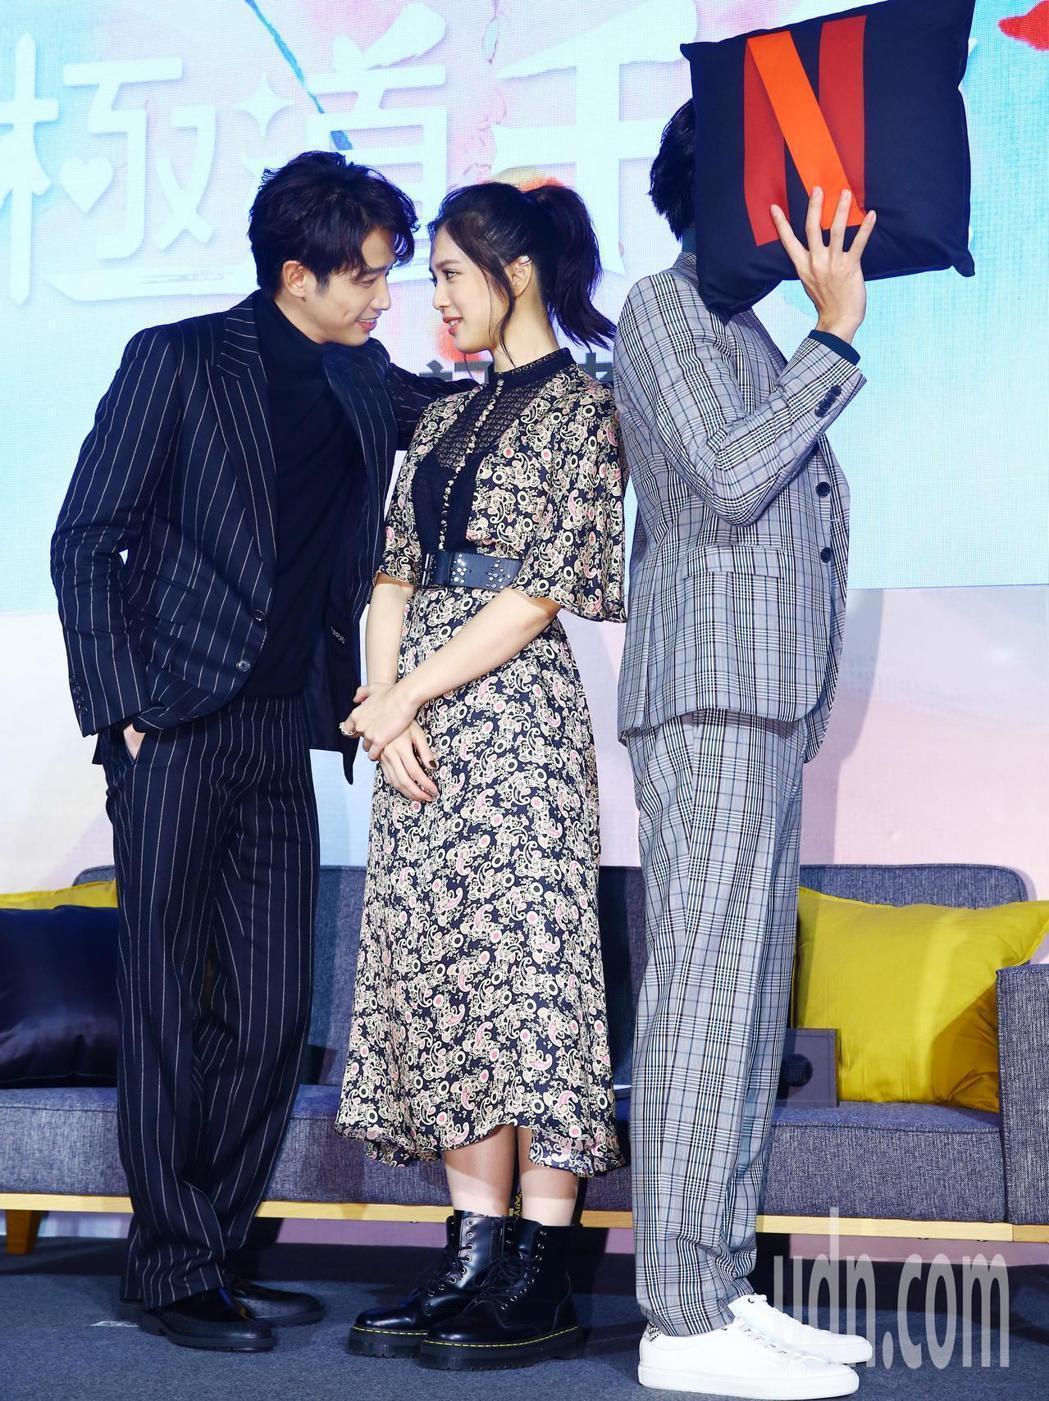 曹佑寧(右)權充「牆壁」,讓劇中男女主角劉以豪(左)、劉奕兒(中)壁咚,雙劉二人...